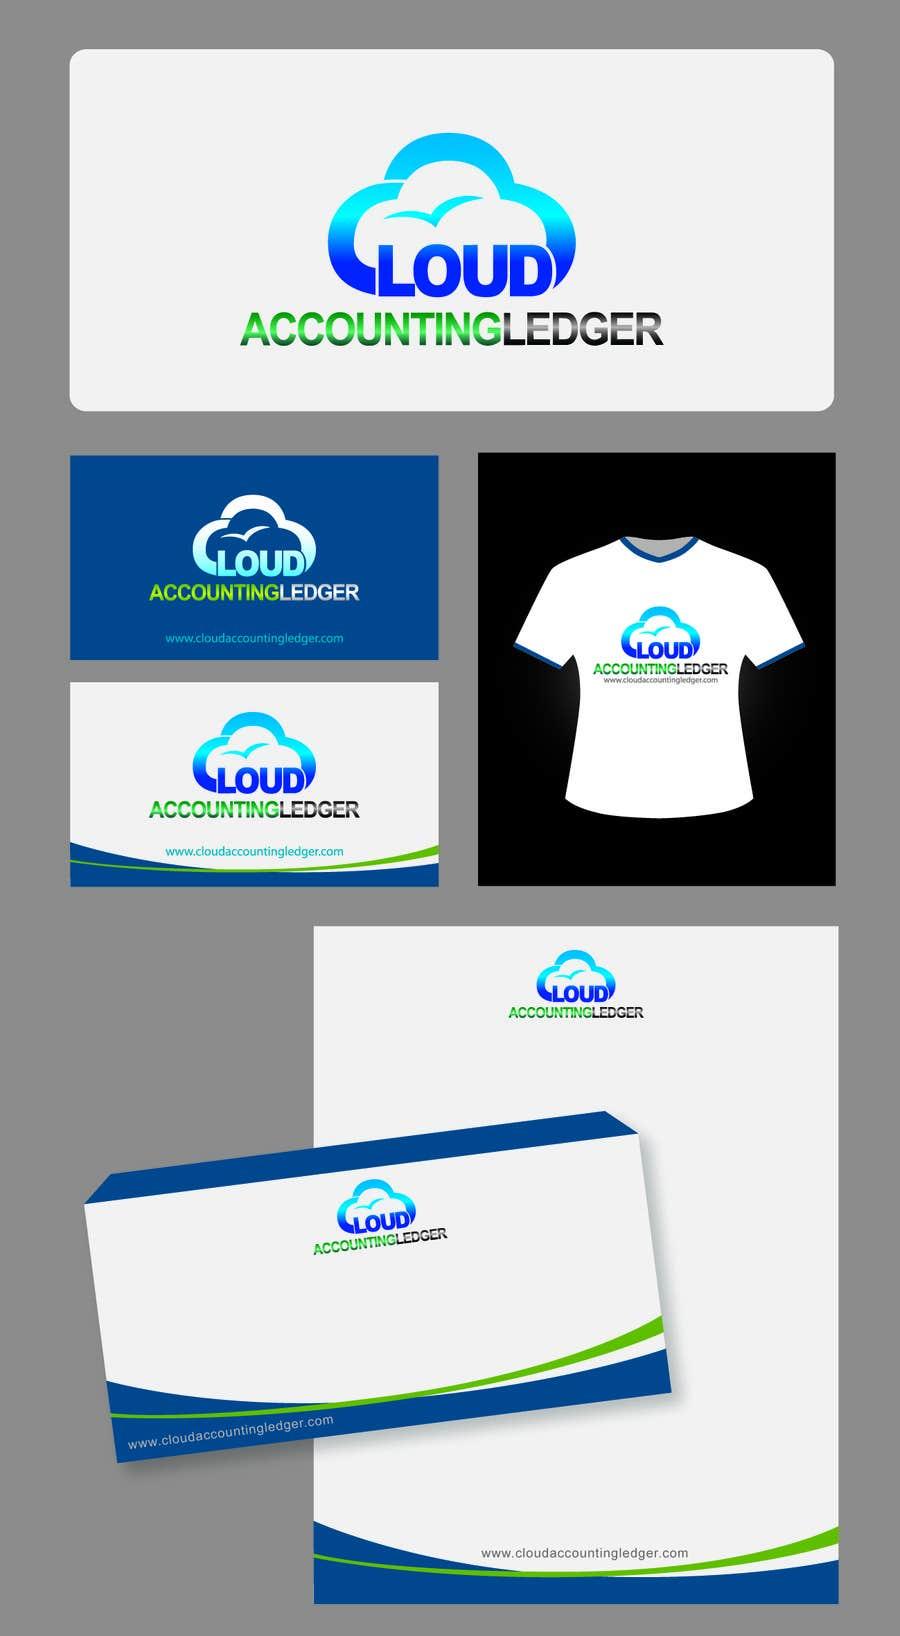 Konkurrenceindlæg #142 for Design a Logo for CLOUDACCOUNTINGLEDGER.COM